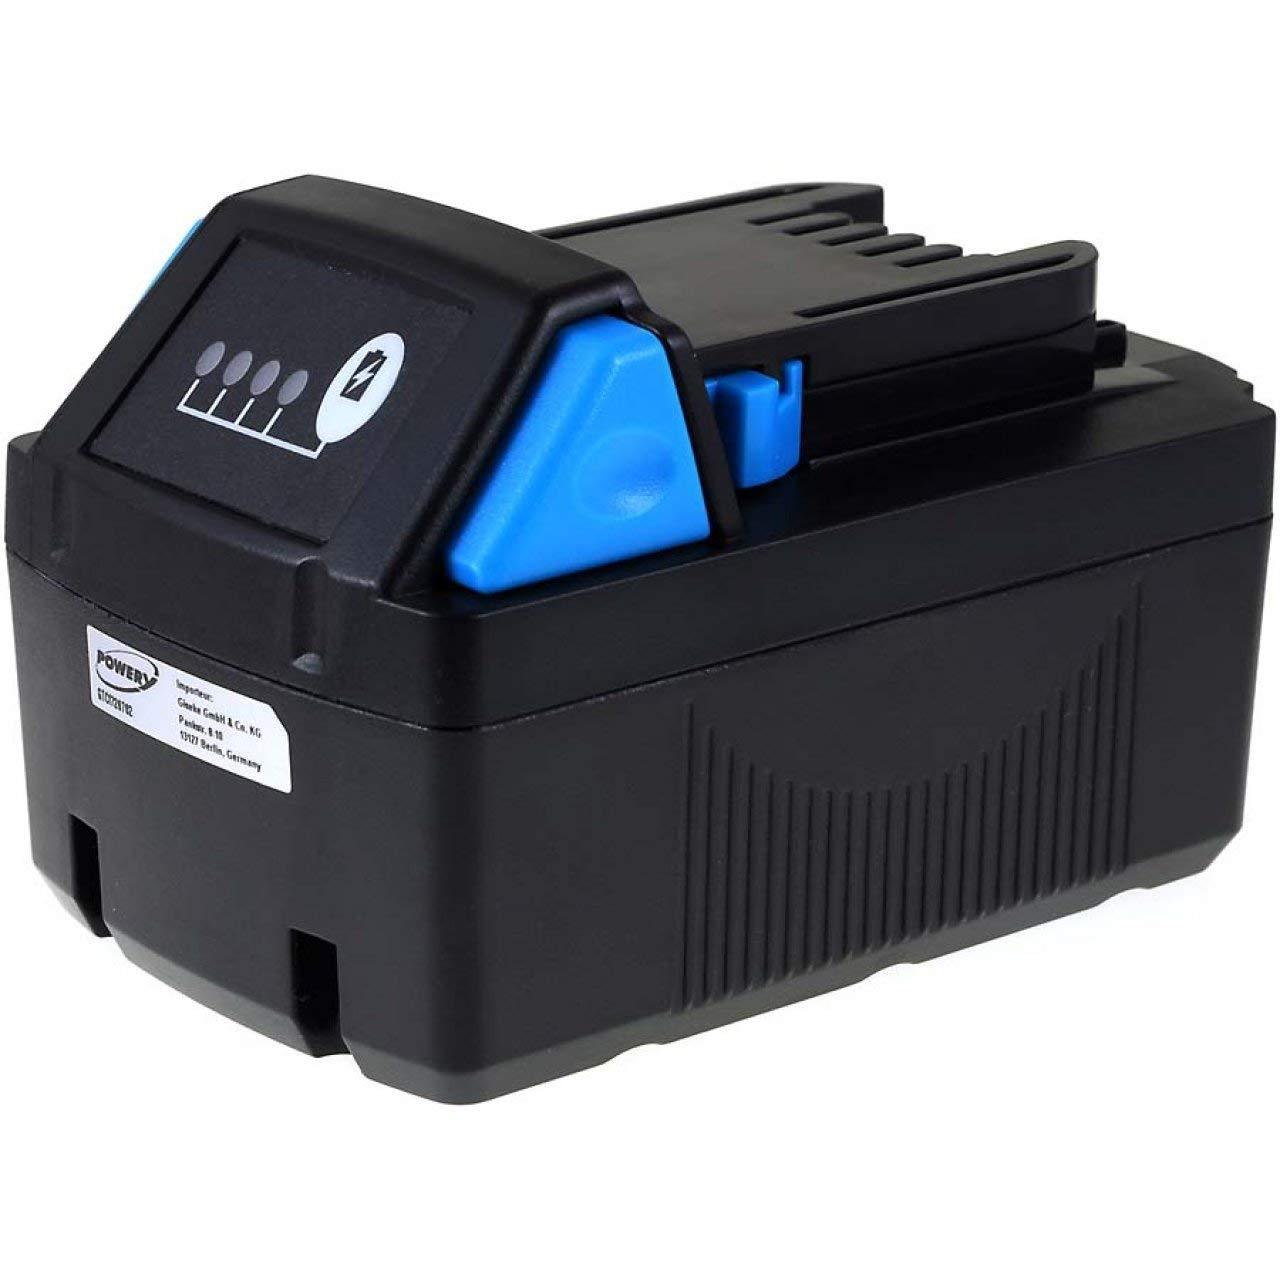 negozi al dettaglio Batteria per sega circolare a a a batteria Milwaukee HD18 MS 4000mAh  economico e alla moda